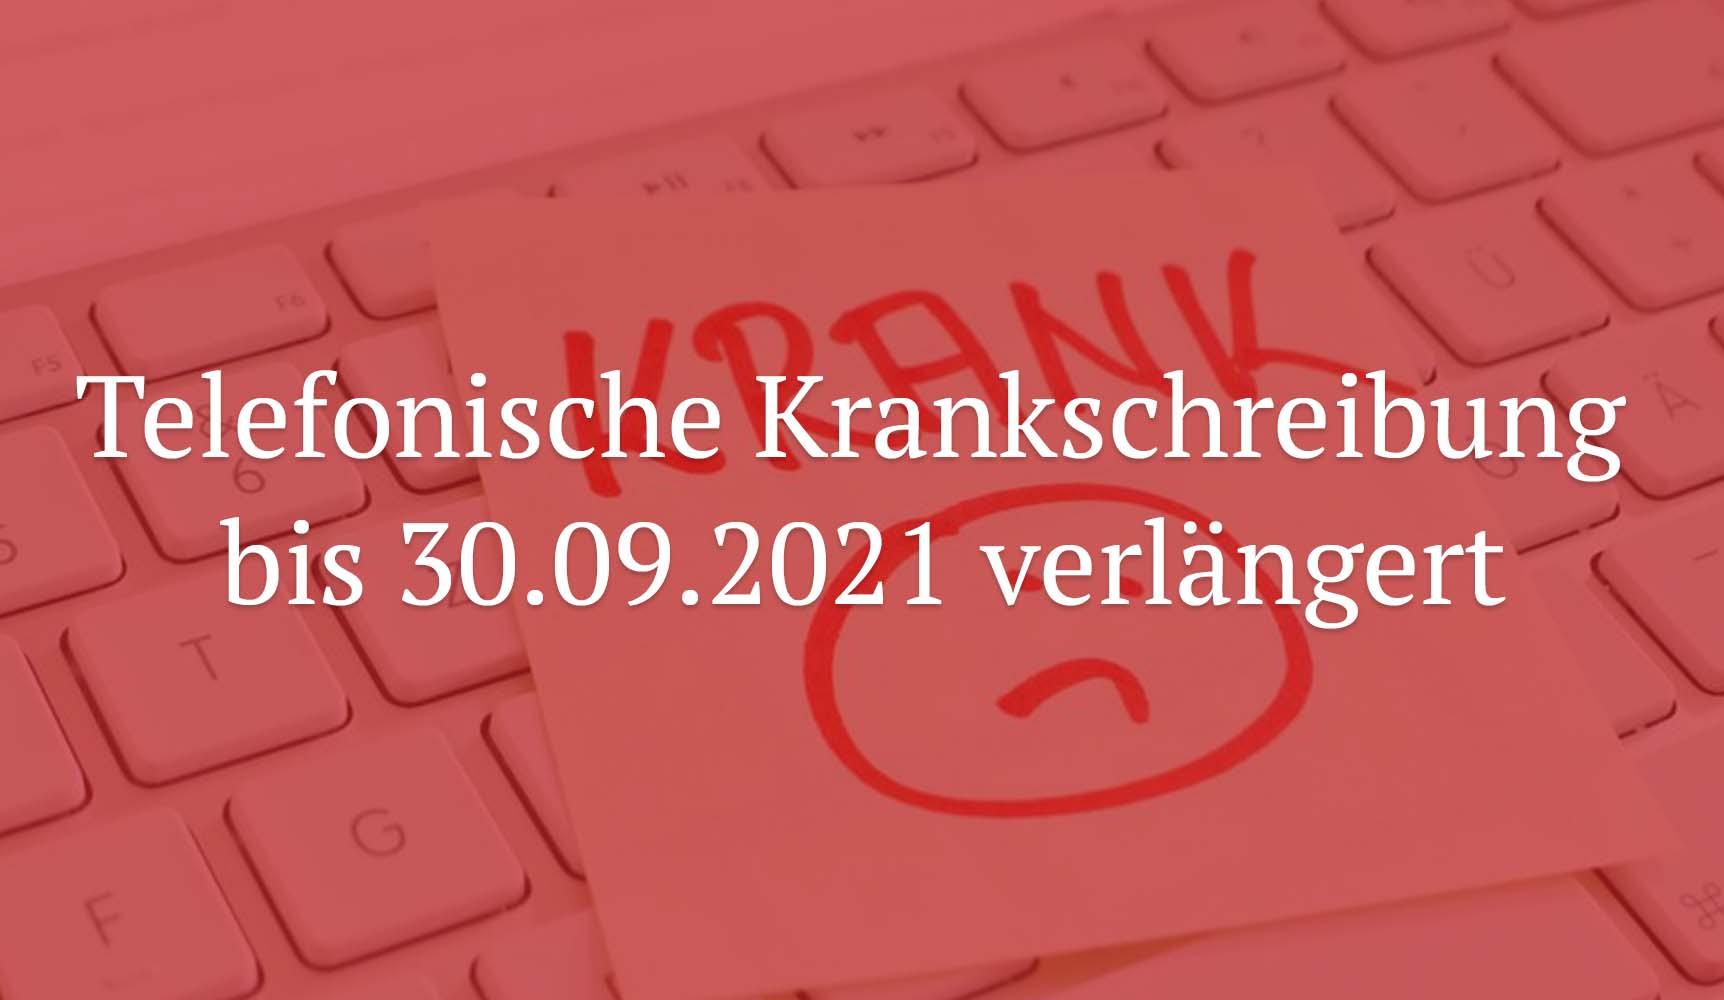 Telefonische Krankschreibung bis 30.09.2021 verlängert